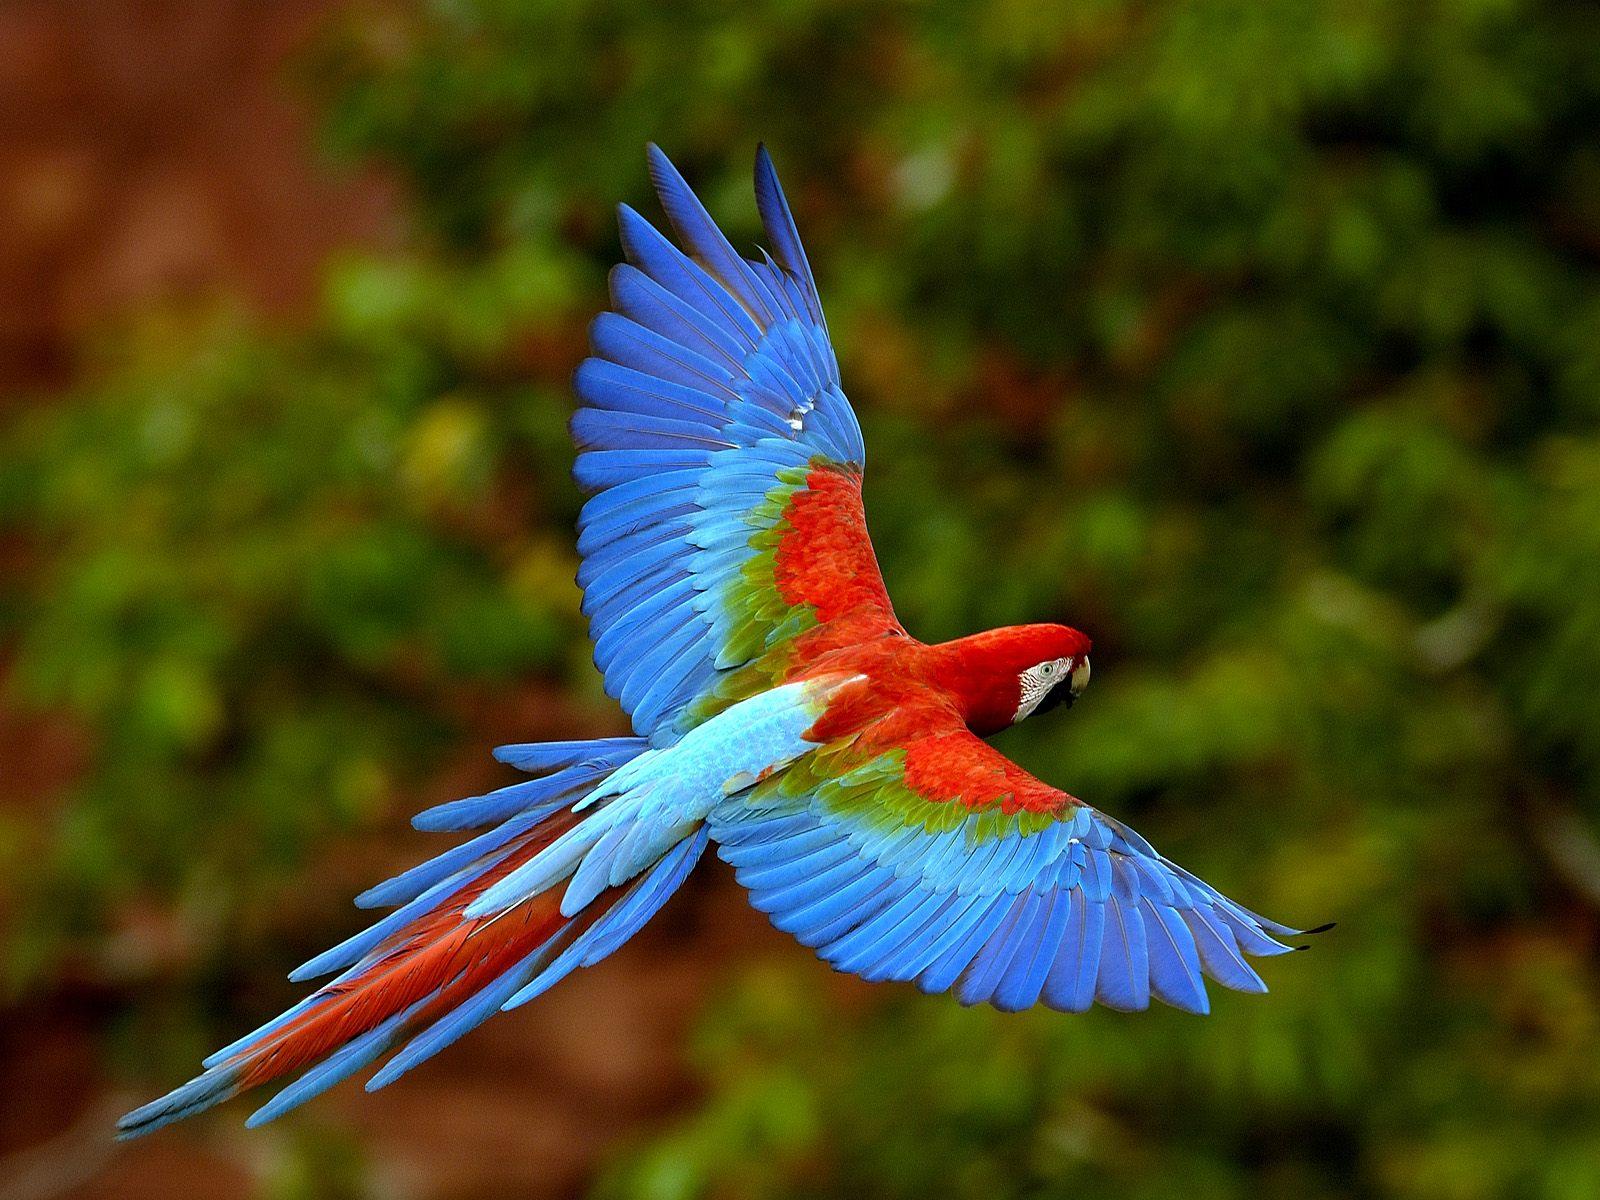 Free Wallpaper Dekstop: Birds hd wallpapers, bird wallpapers